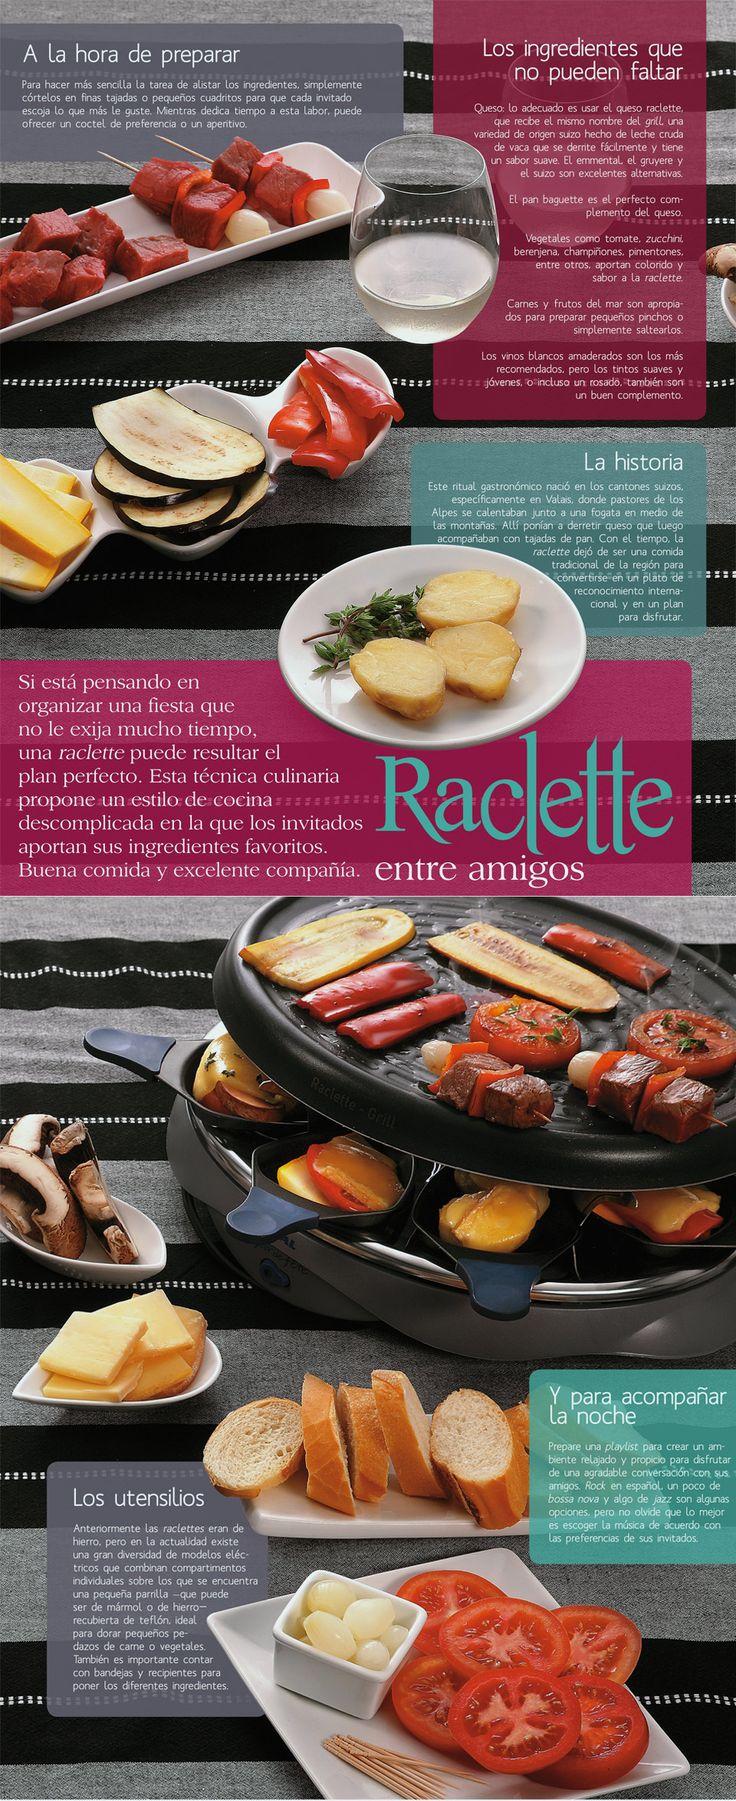 Cómo hacer un buen raclette entre amigos